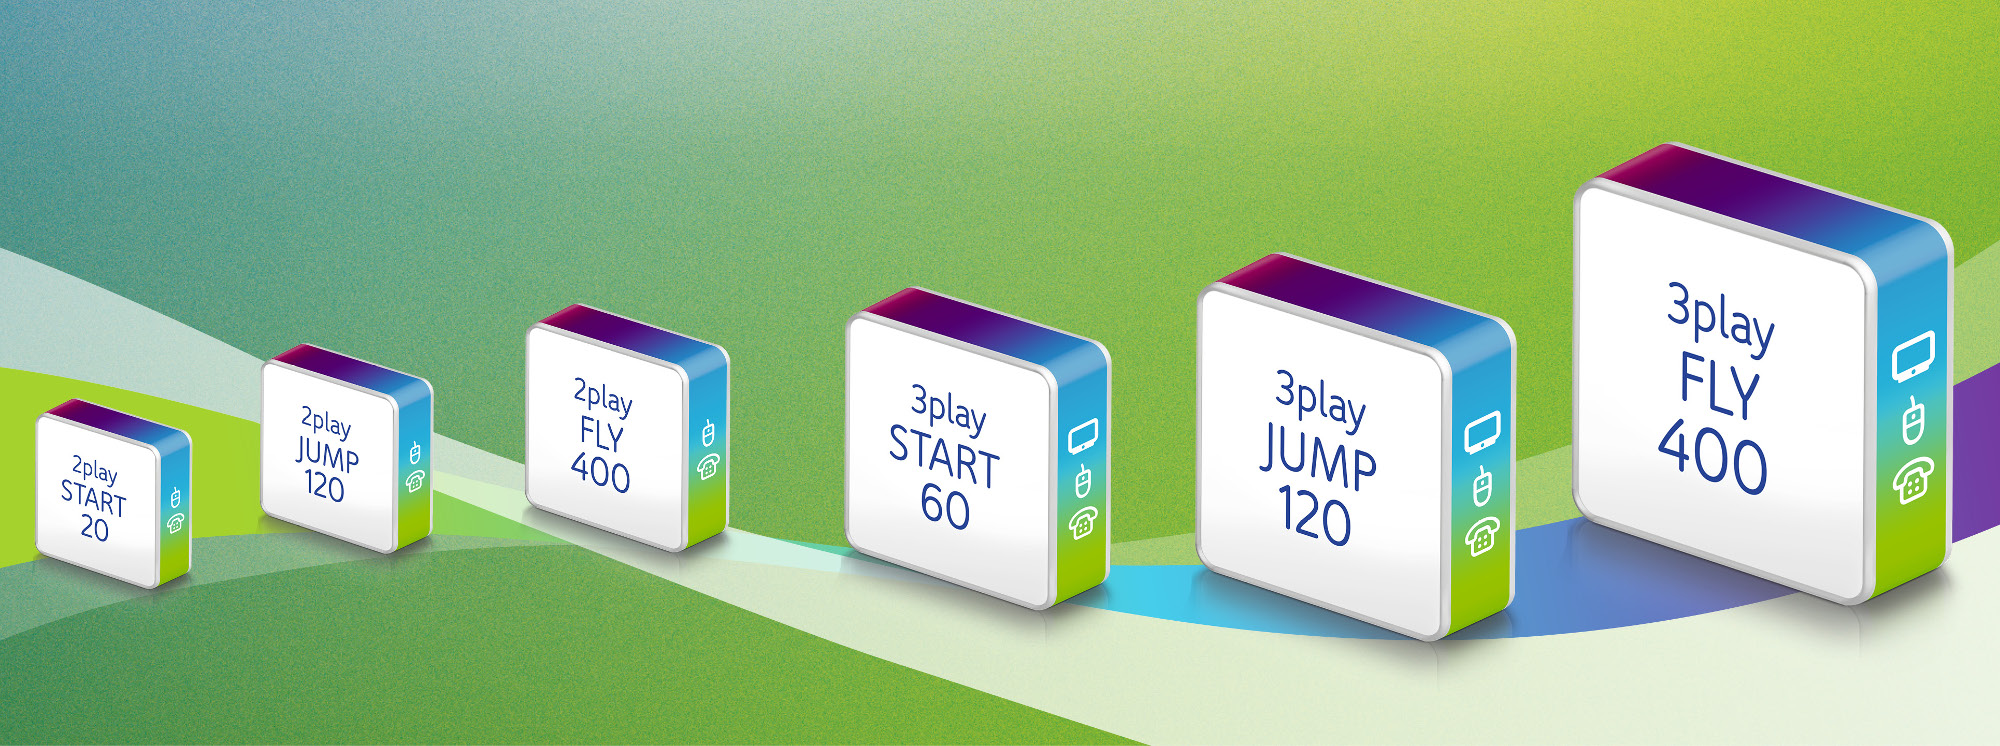 Neue Unitymedia Tarife Bieten Kabelanschluss Mit Bis Zu 400 Mbits